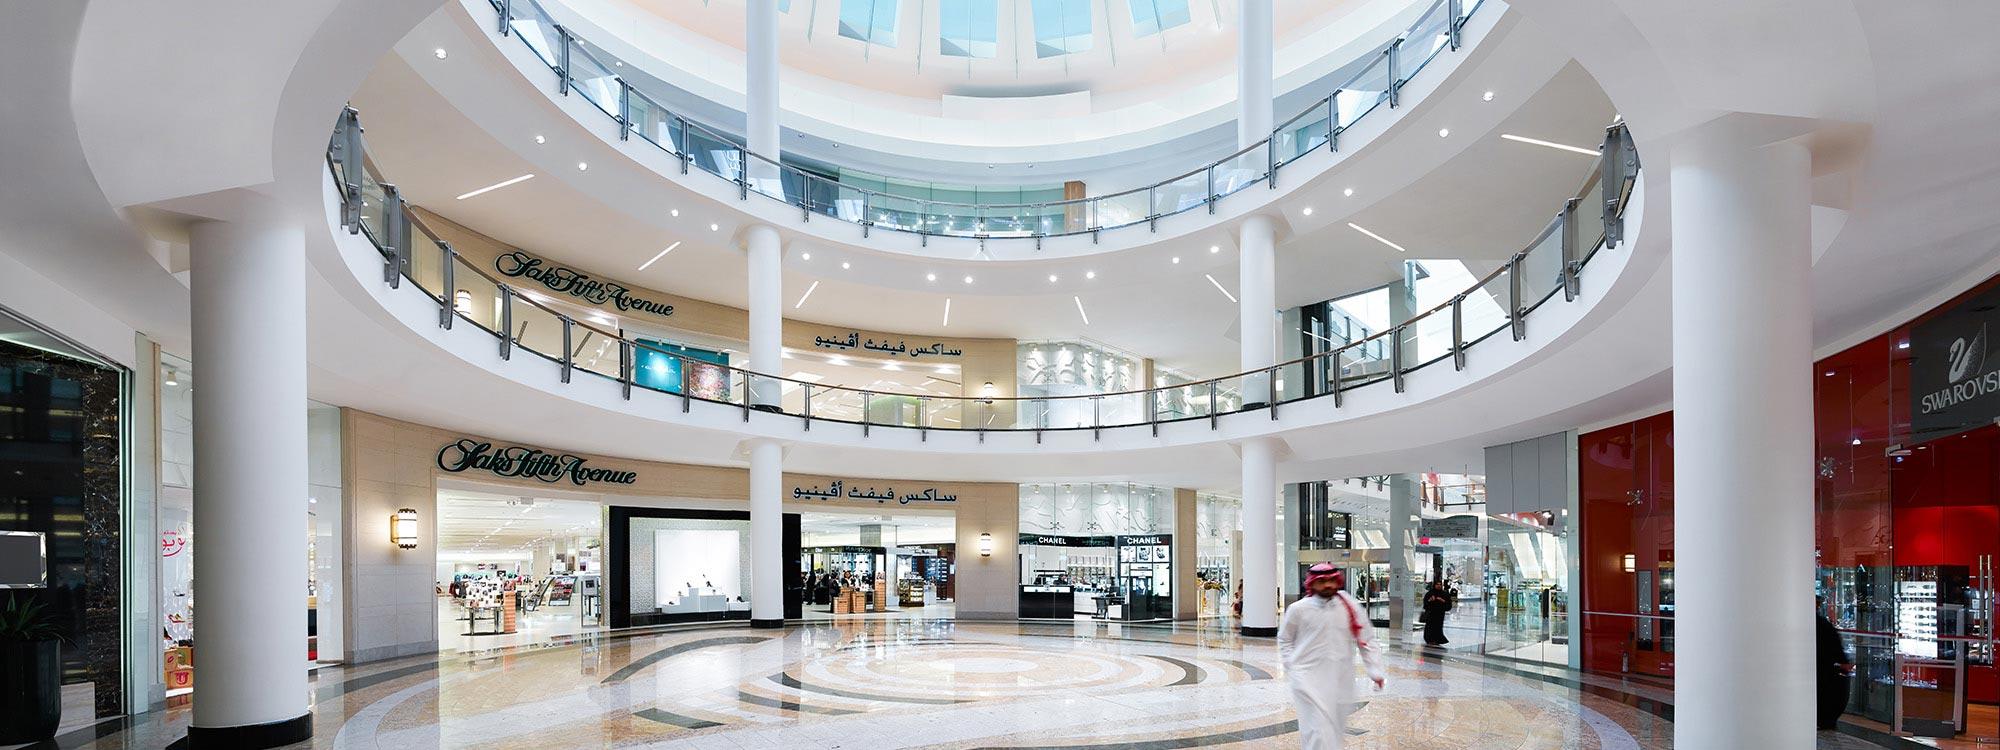 اهم الاماكن السياحية فى المنامه عاصمة البحرين السياحة فى المنامه عاصمة البحرين (7)